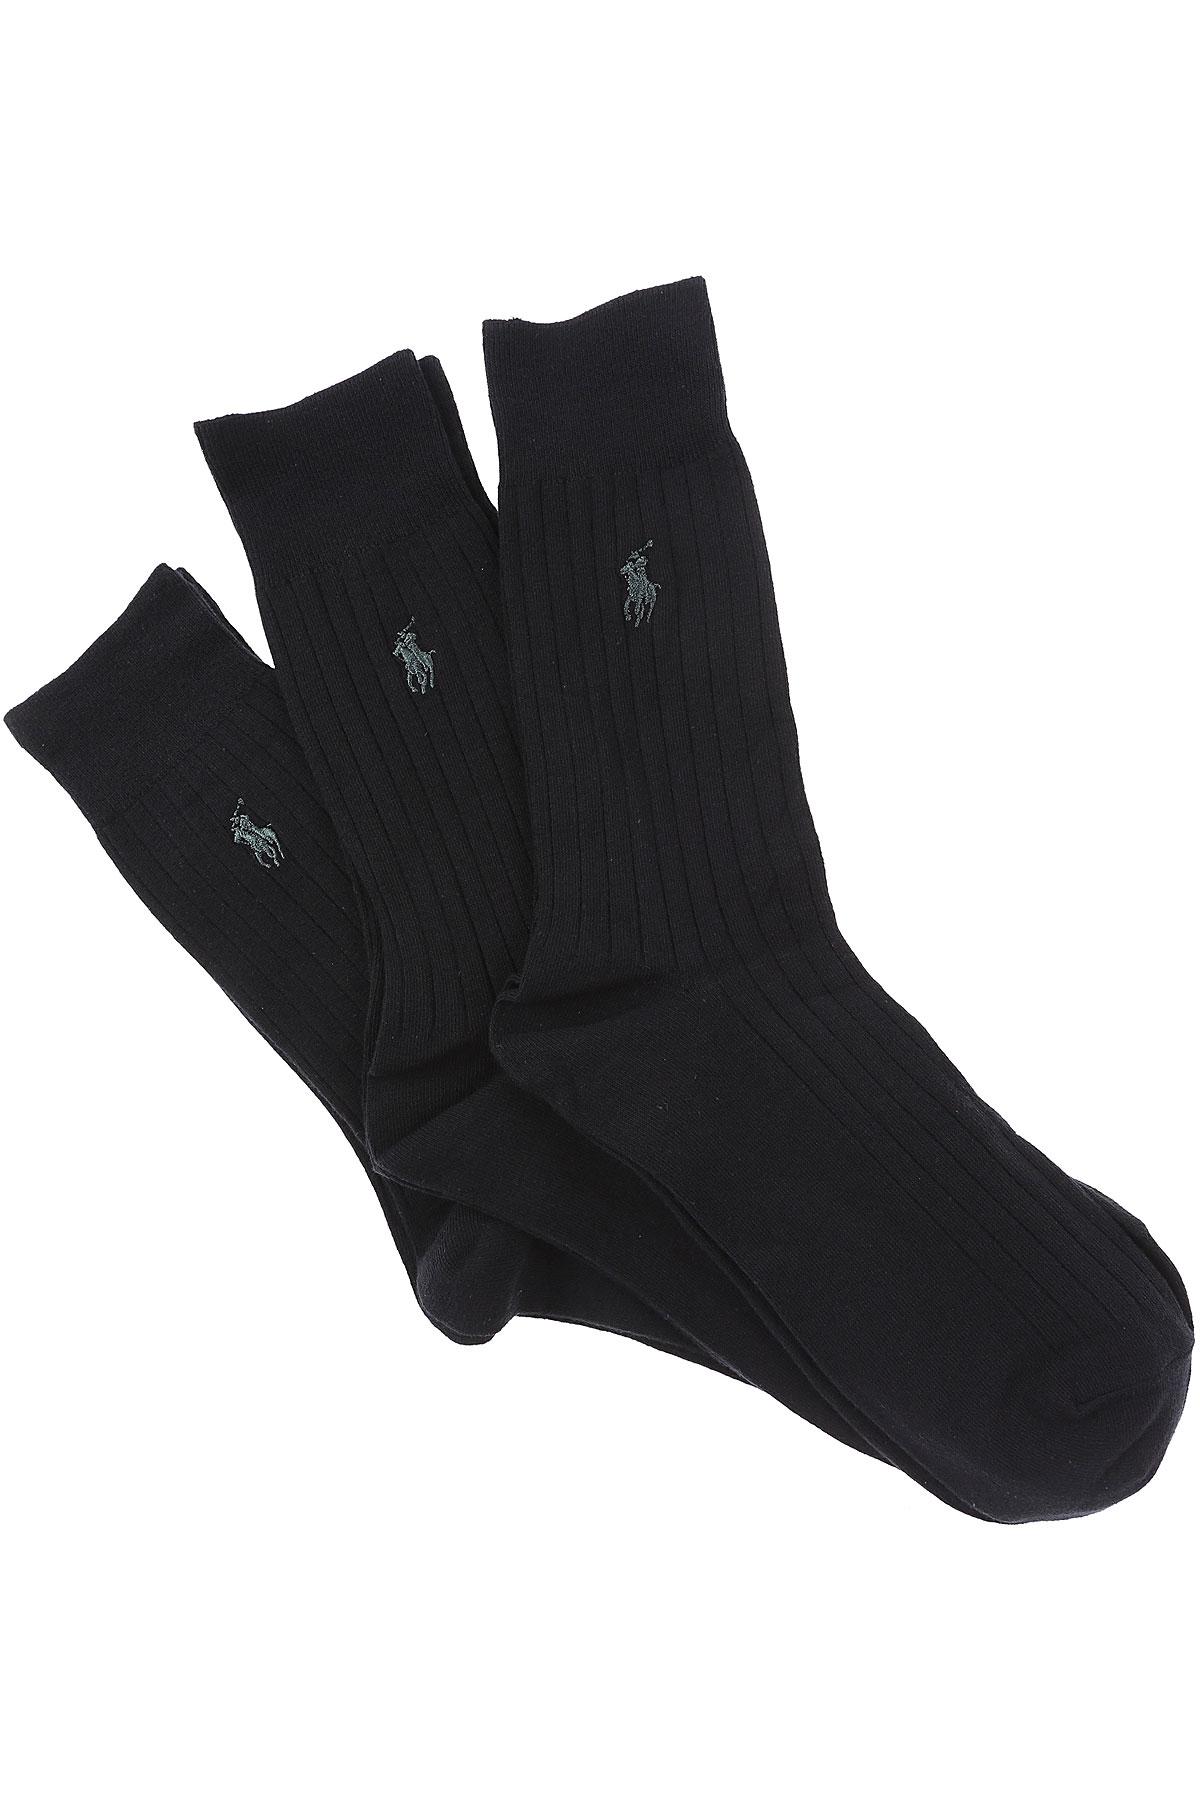 Ralph Lauren Socks Socks for Men On Sale, 3 Pack, Black, Cotton, 2019, M (39 - 42) L (43 - 46)